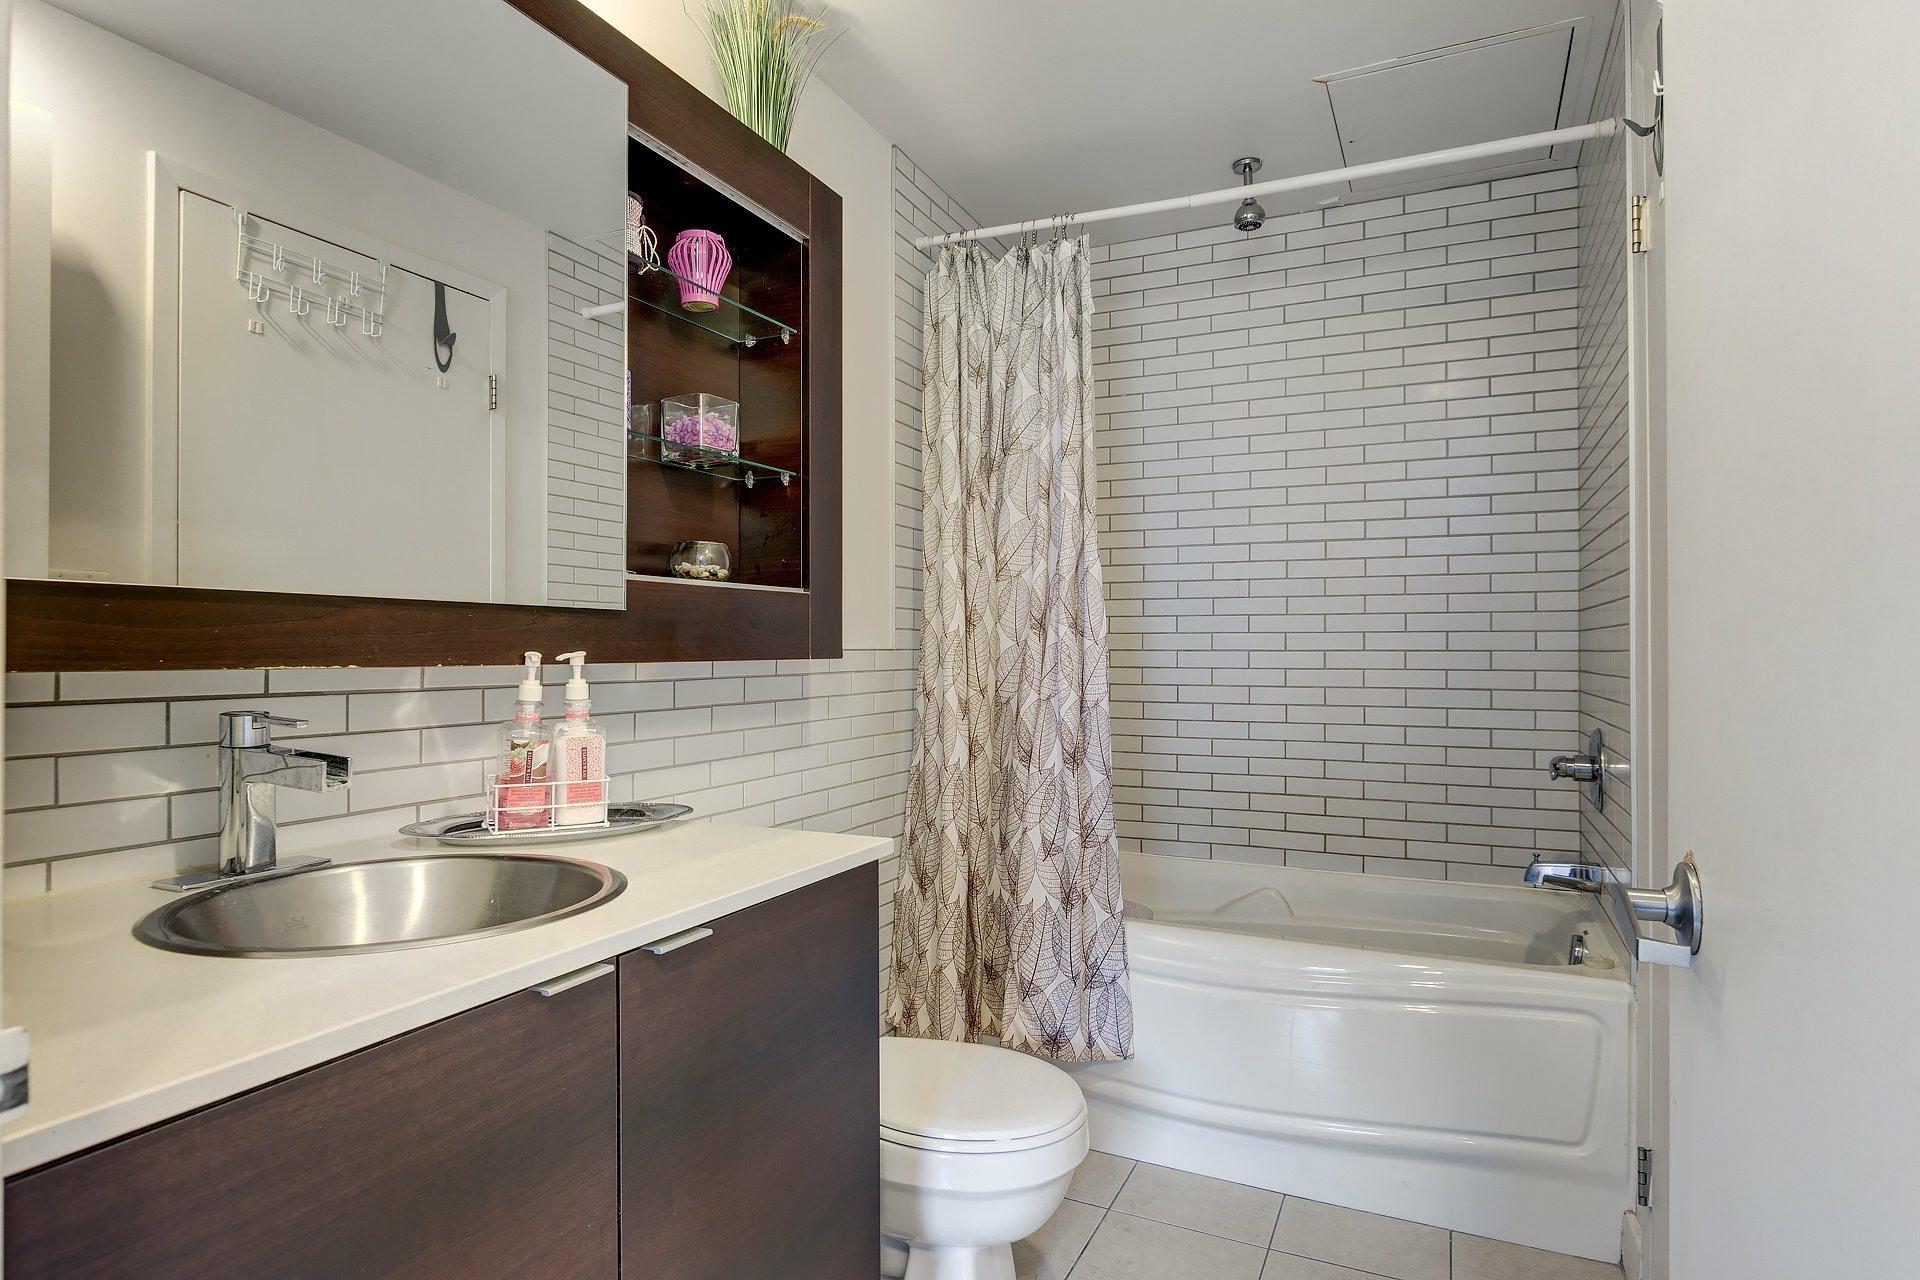 image 15 - Apartment For rent Ville-Marie Montréal  - 3 rooms